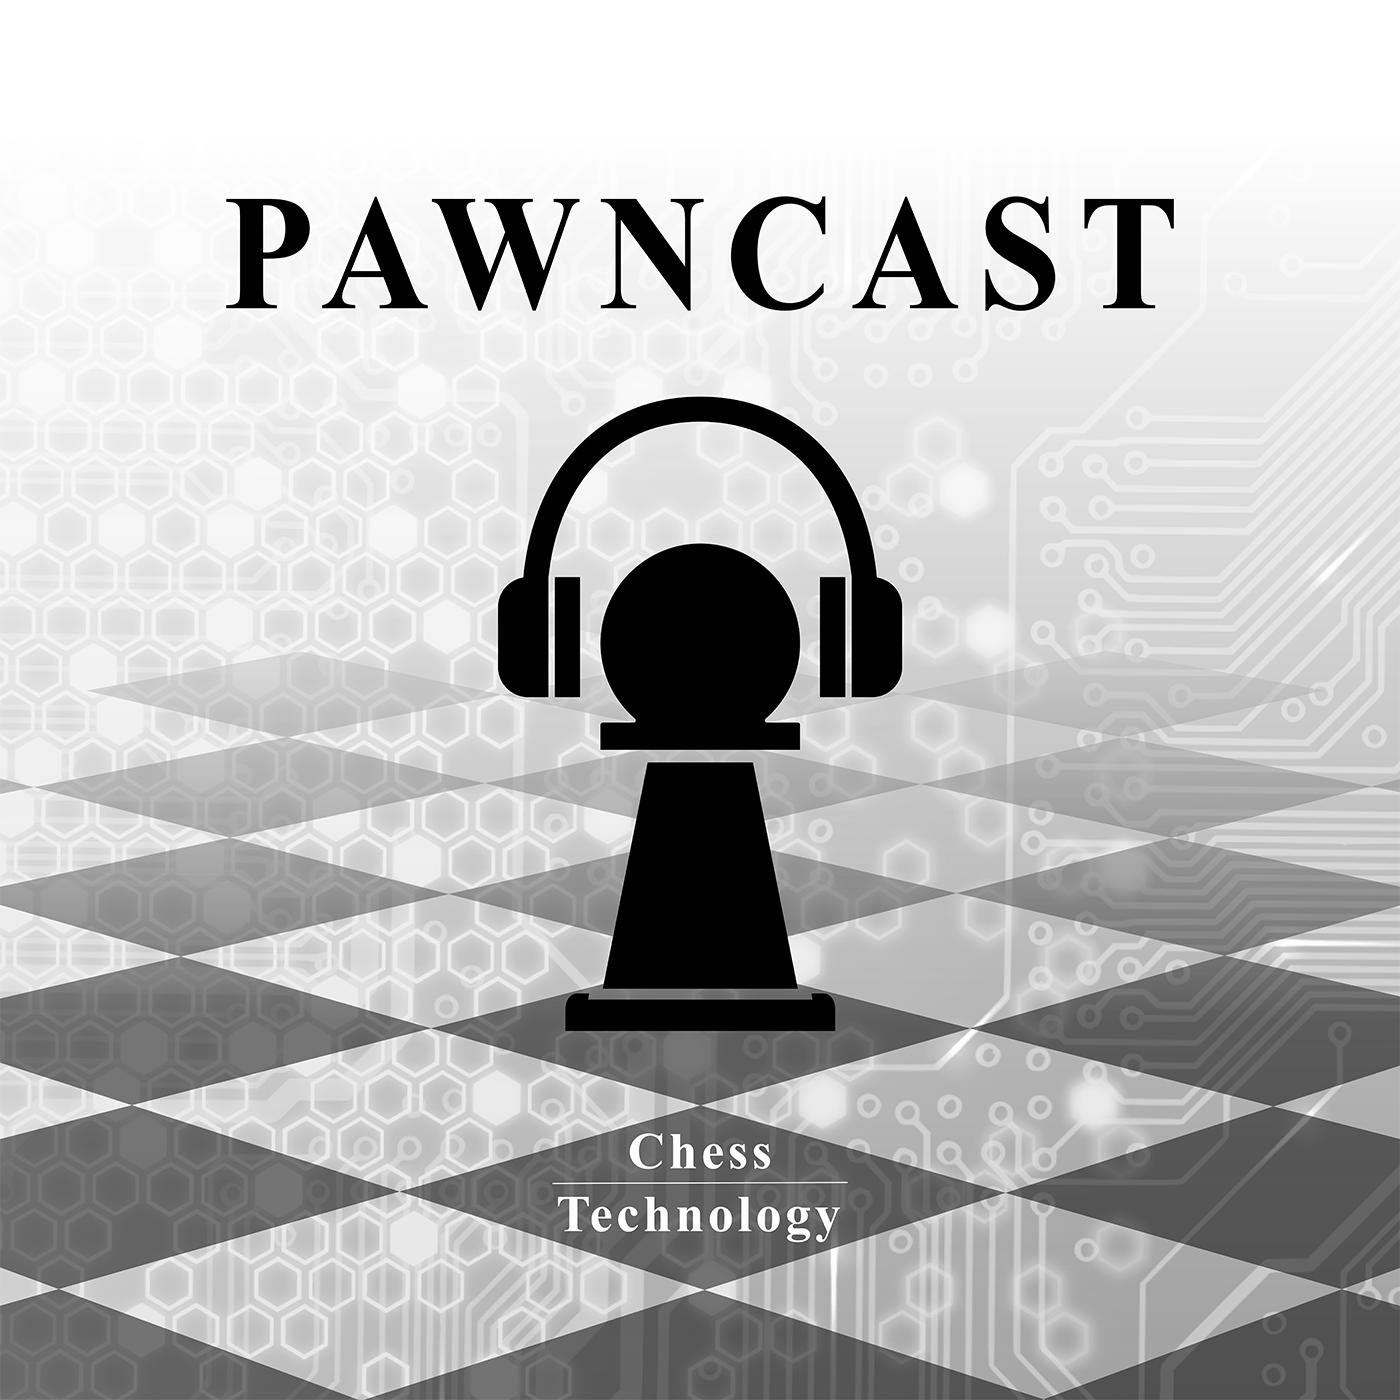 Pawncast